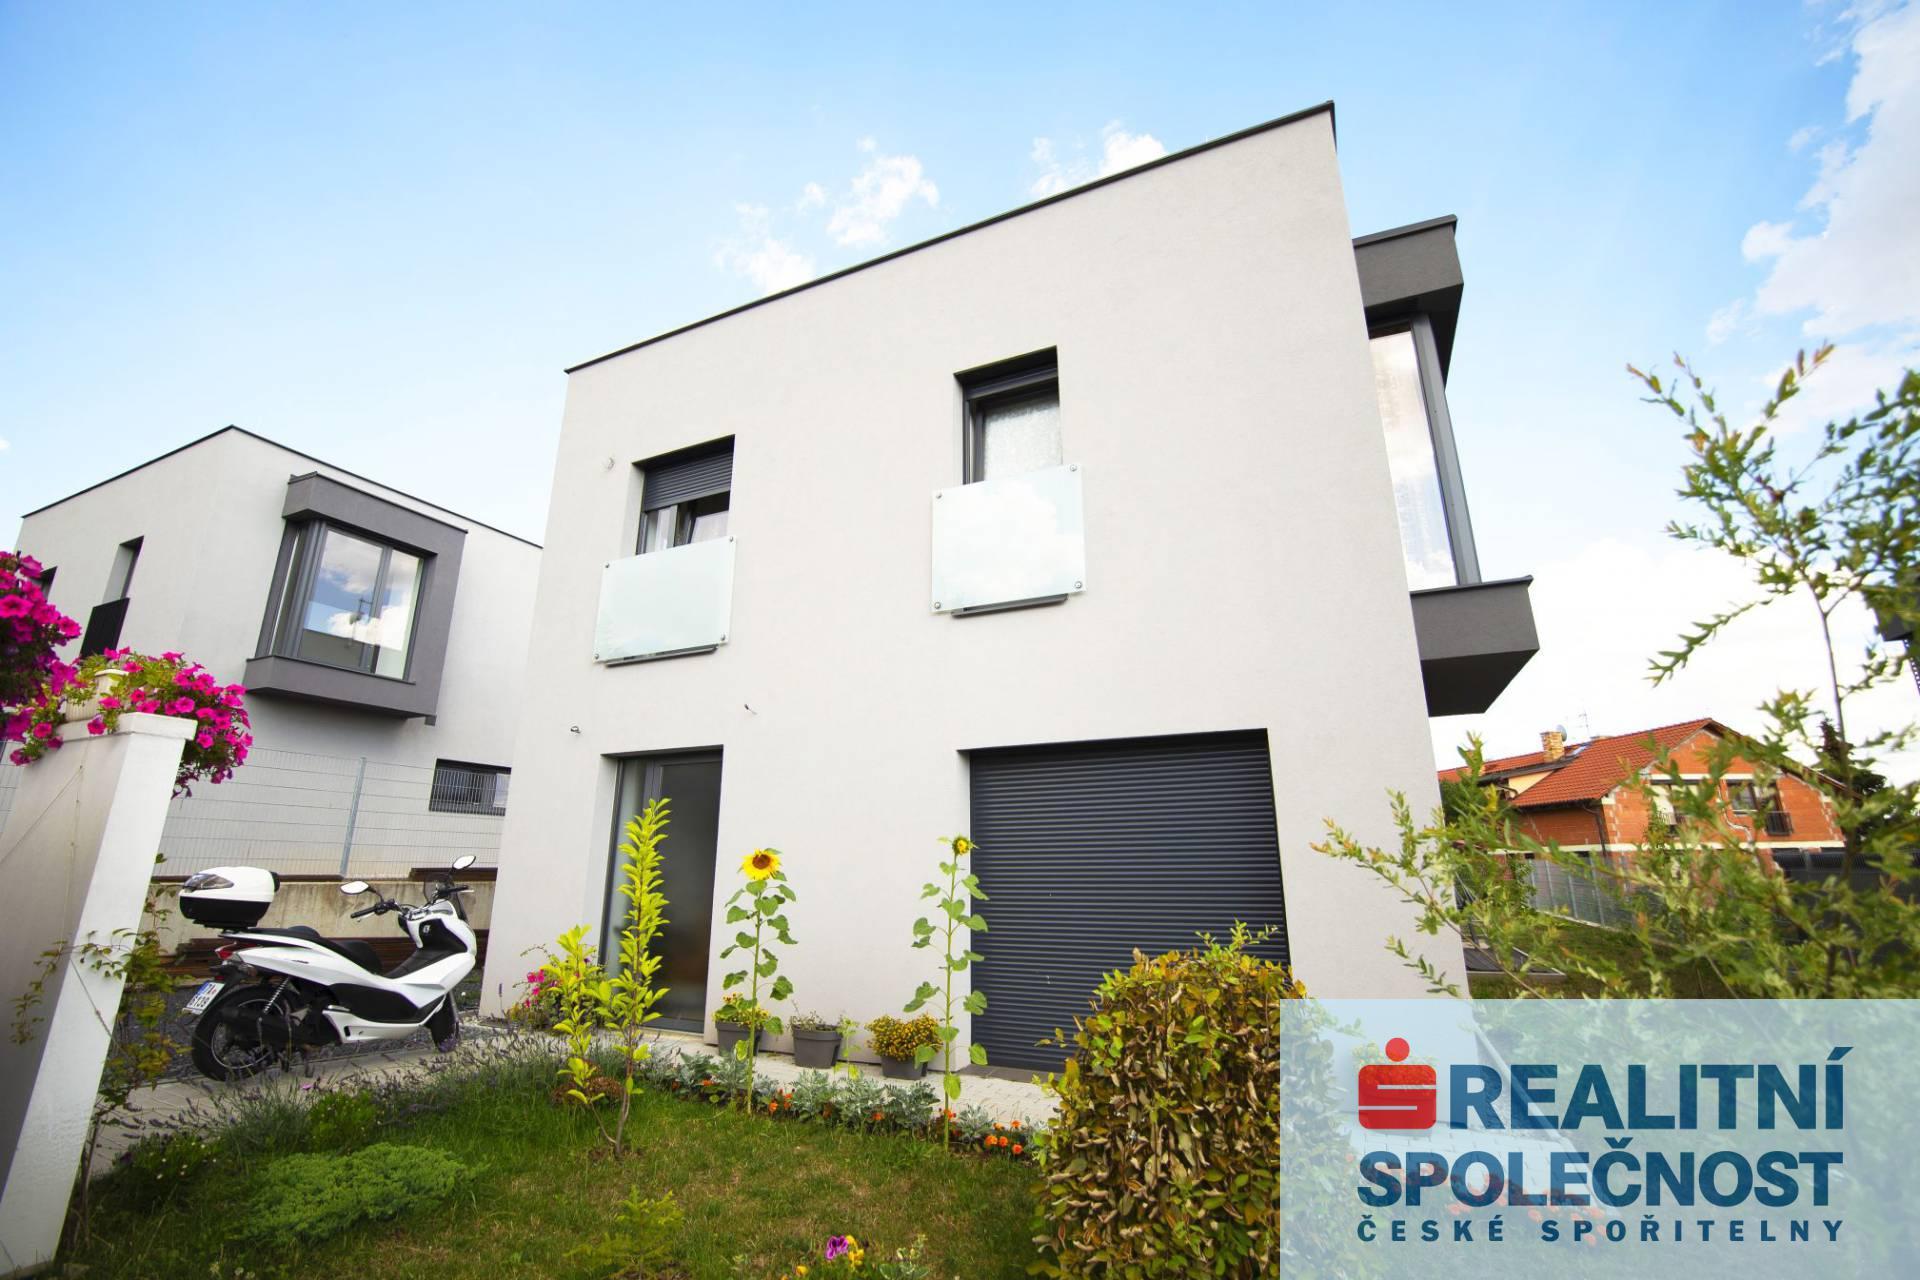 Prodej, Dům RD samostatný, 131m2, terasa 28 m2, garáž 18 m2, Stodůlky